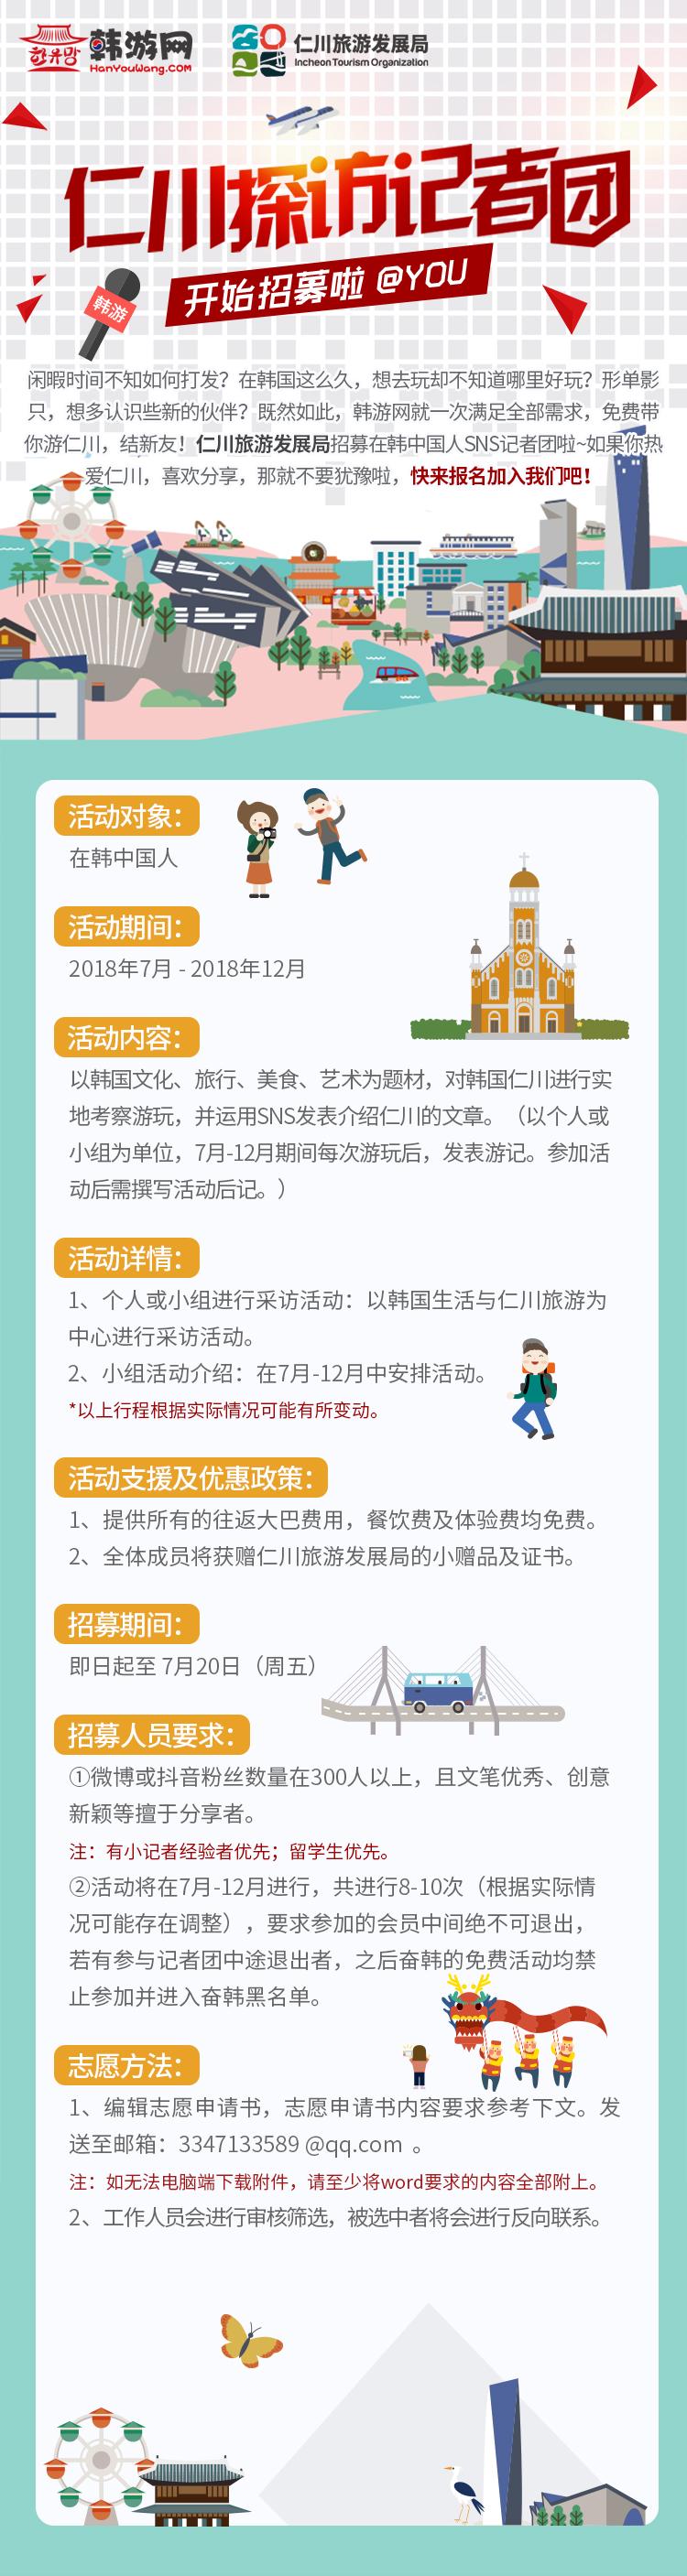 韩游网记者团(1).jpg